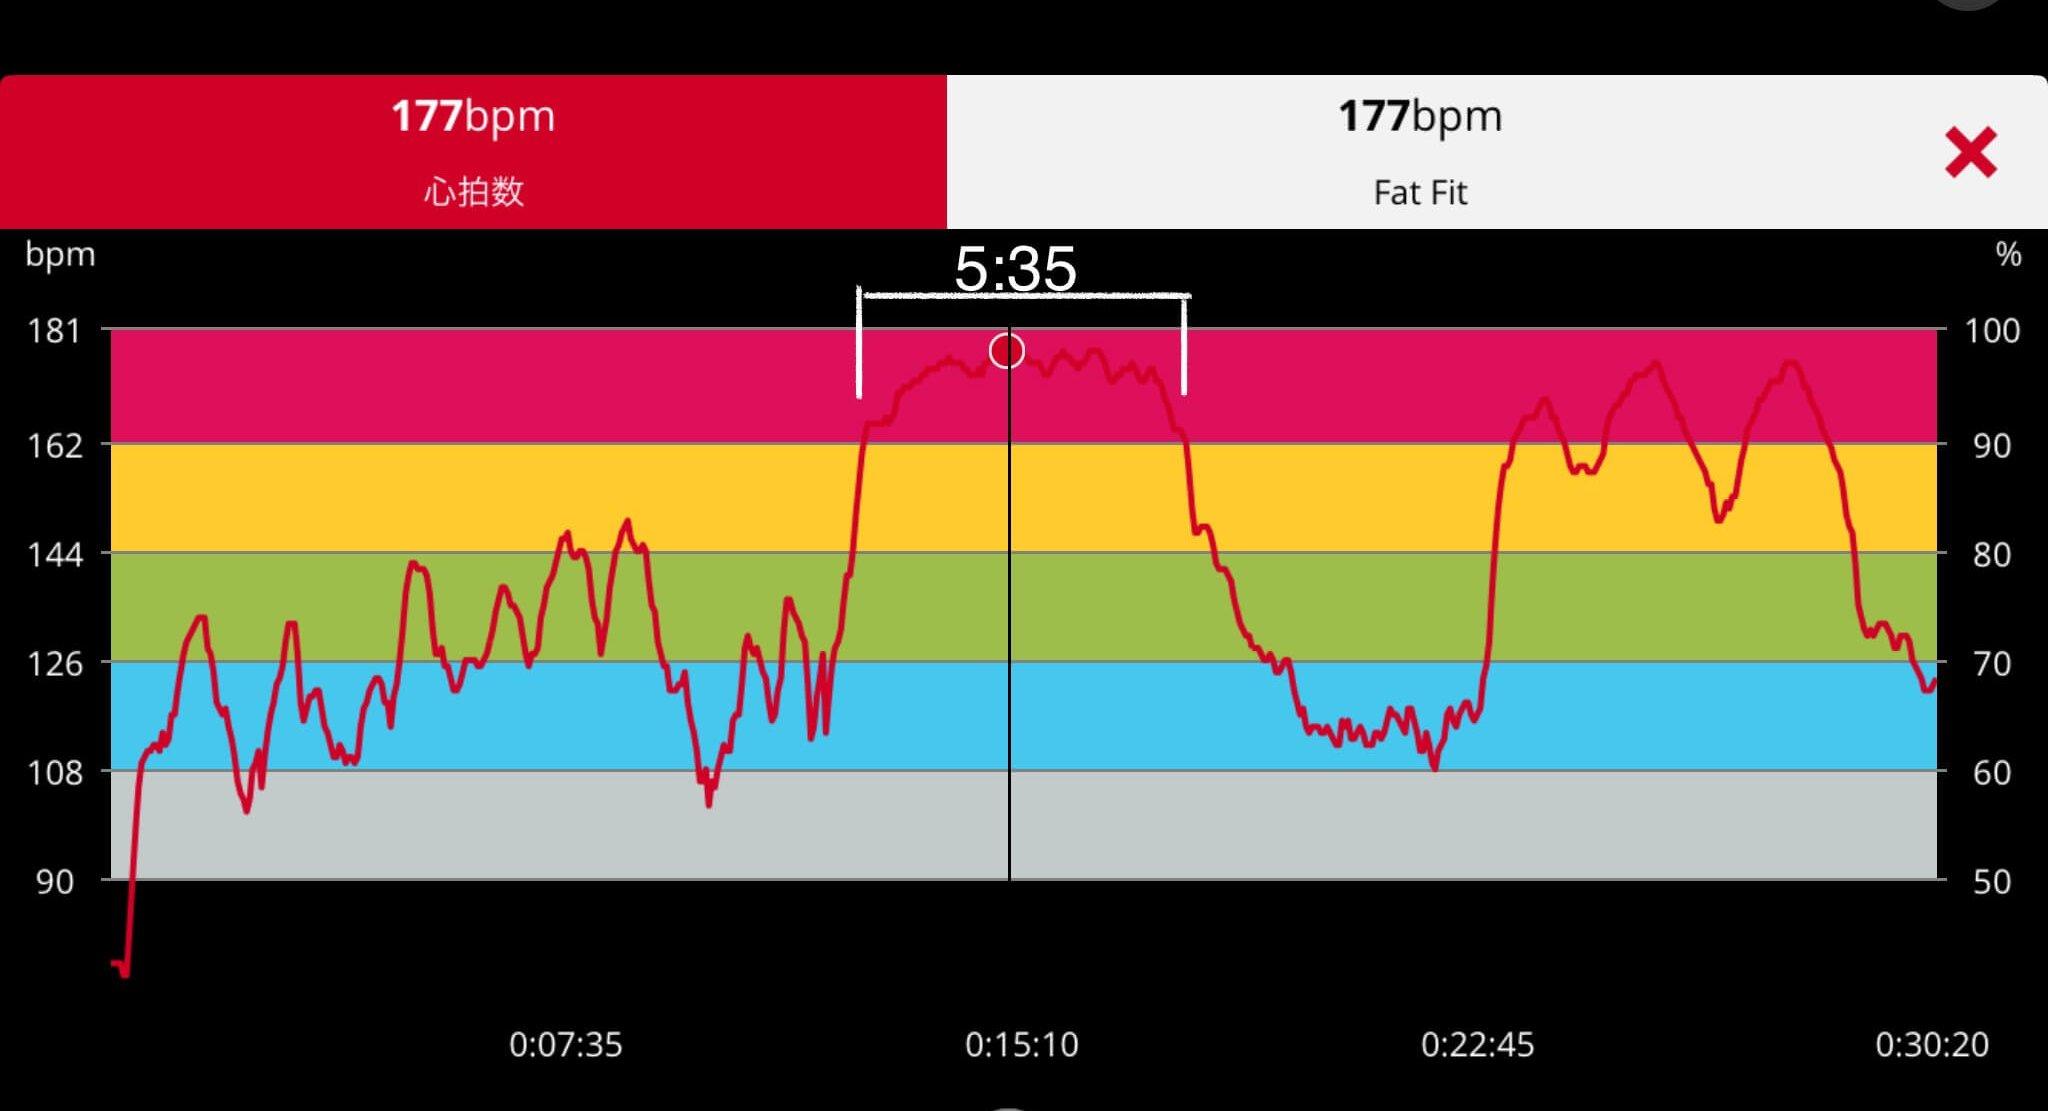 5分間スナッチテストの心拍数の推移